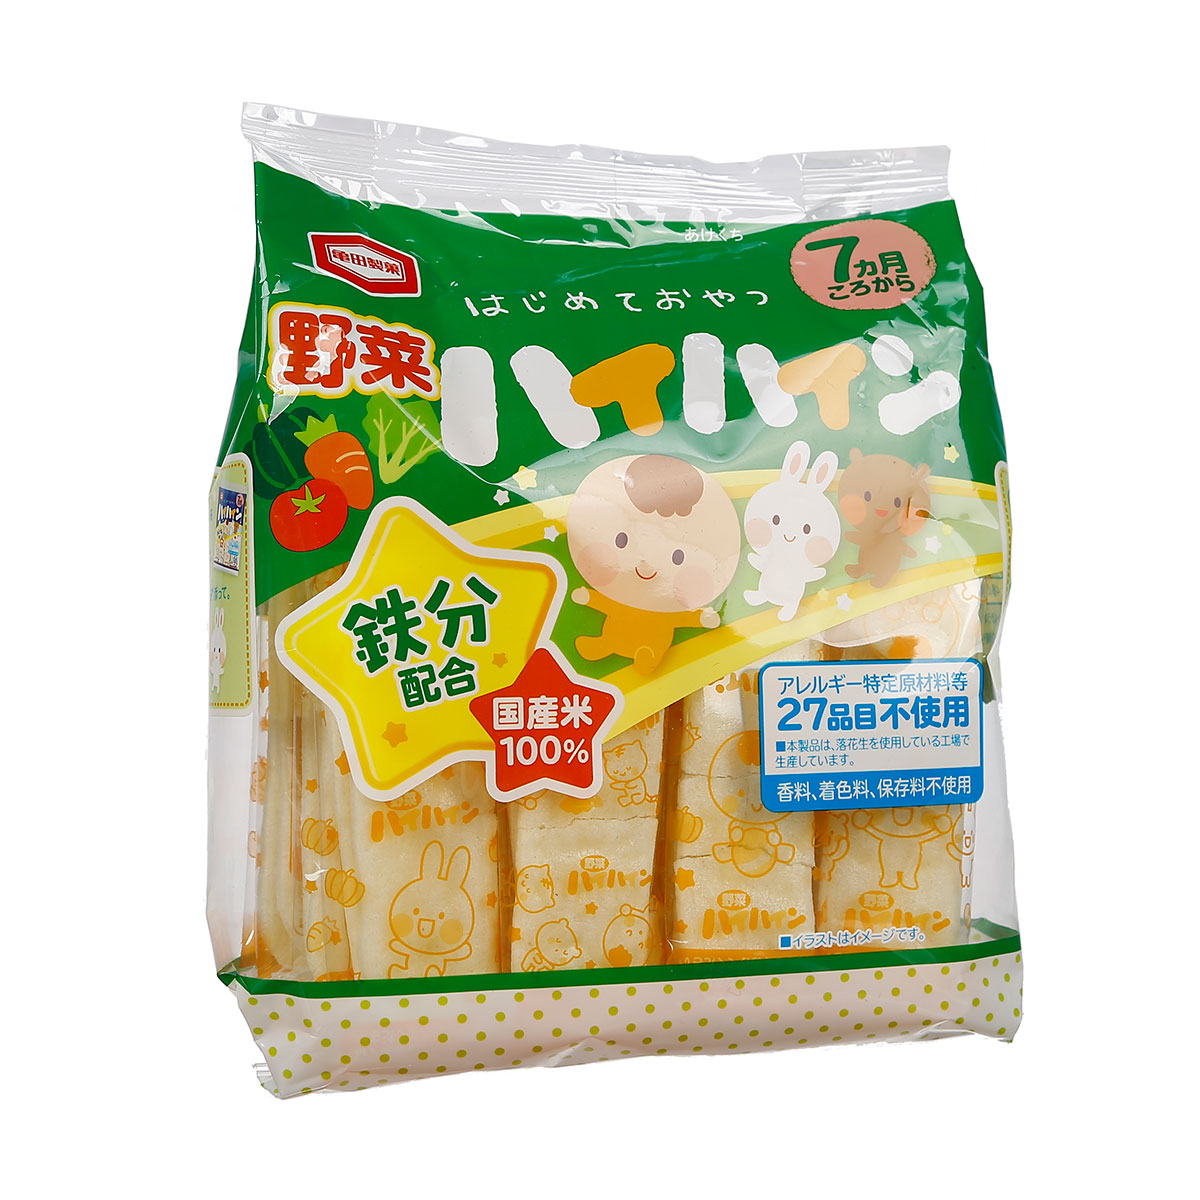 Bánh gạo tươi Nhật Haihain vị rau củ 53g